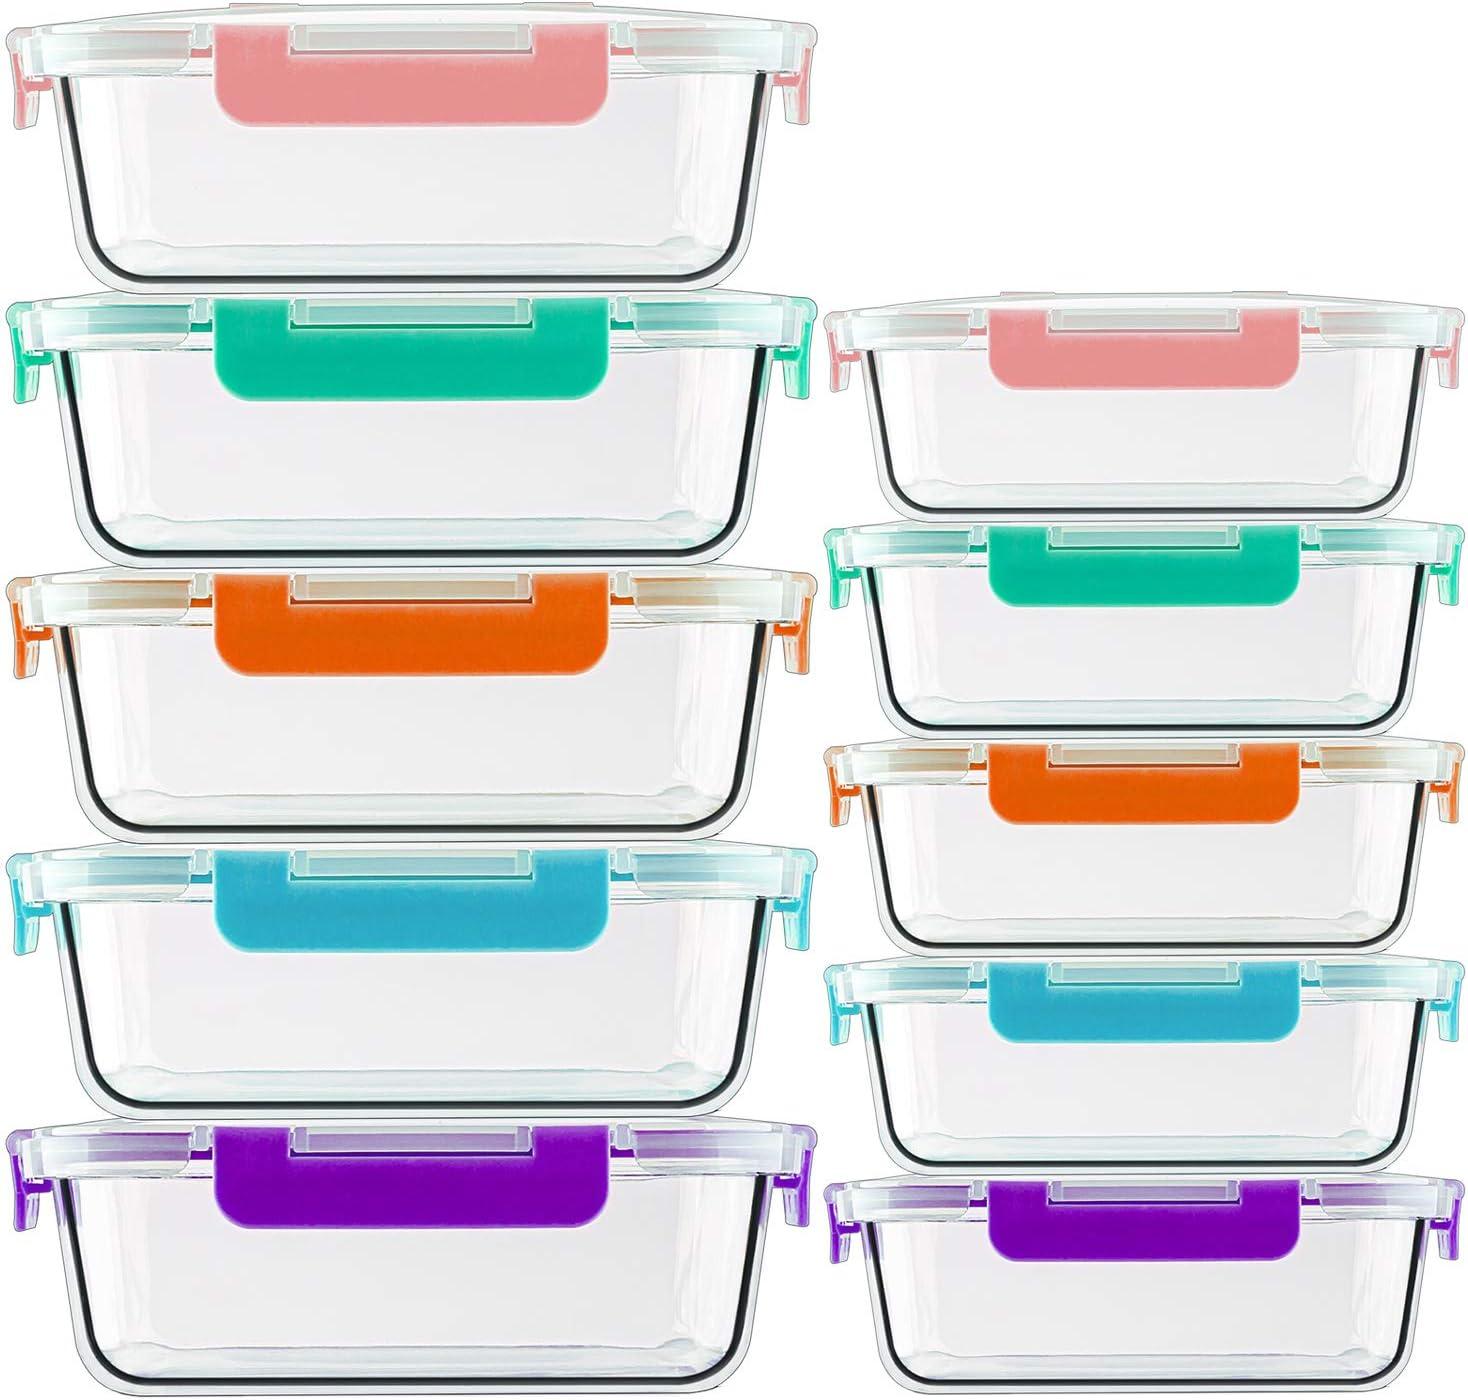 Senza BPA Congelatore CREST Set di 10 contenitori per Alimenti in Vetro 20 Pezzi Microonde 10 contenitori + 10 coperchi Coperchi Trasparenti Adatto per lavastoviglie